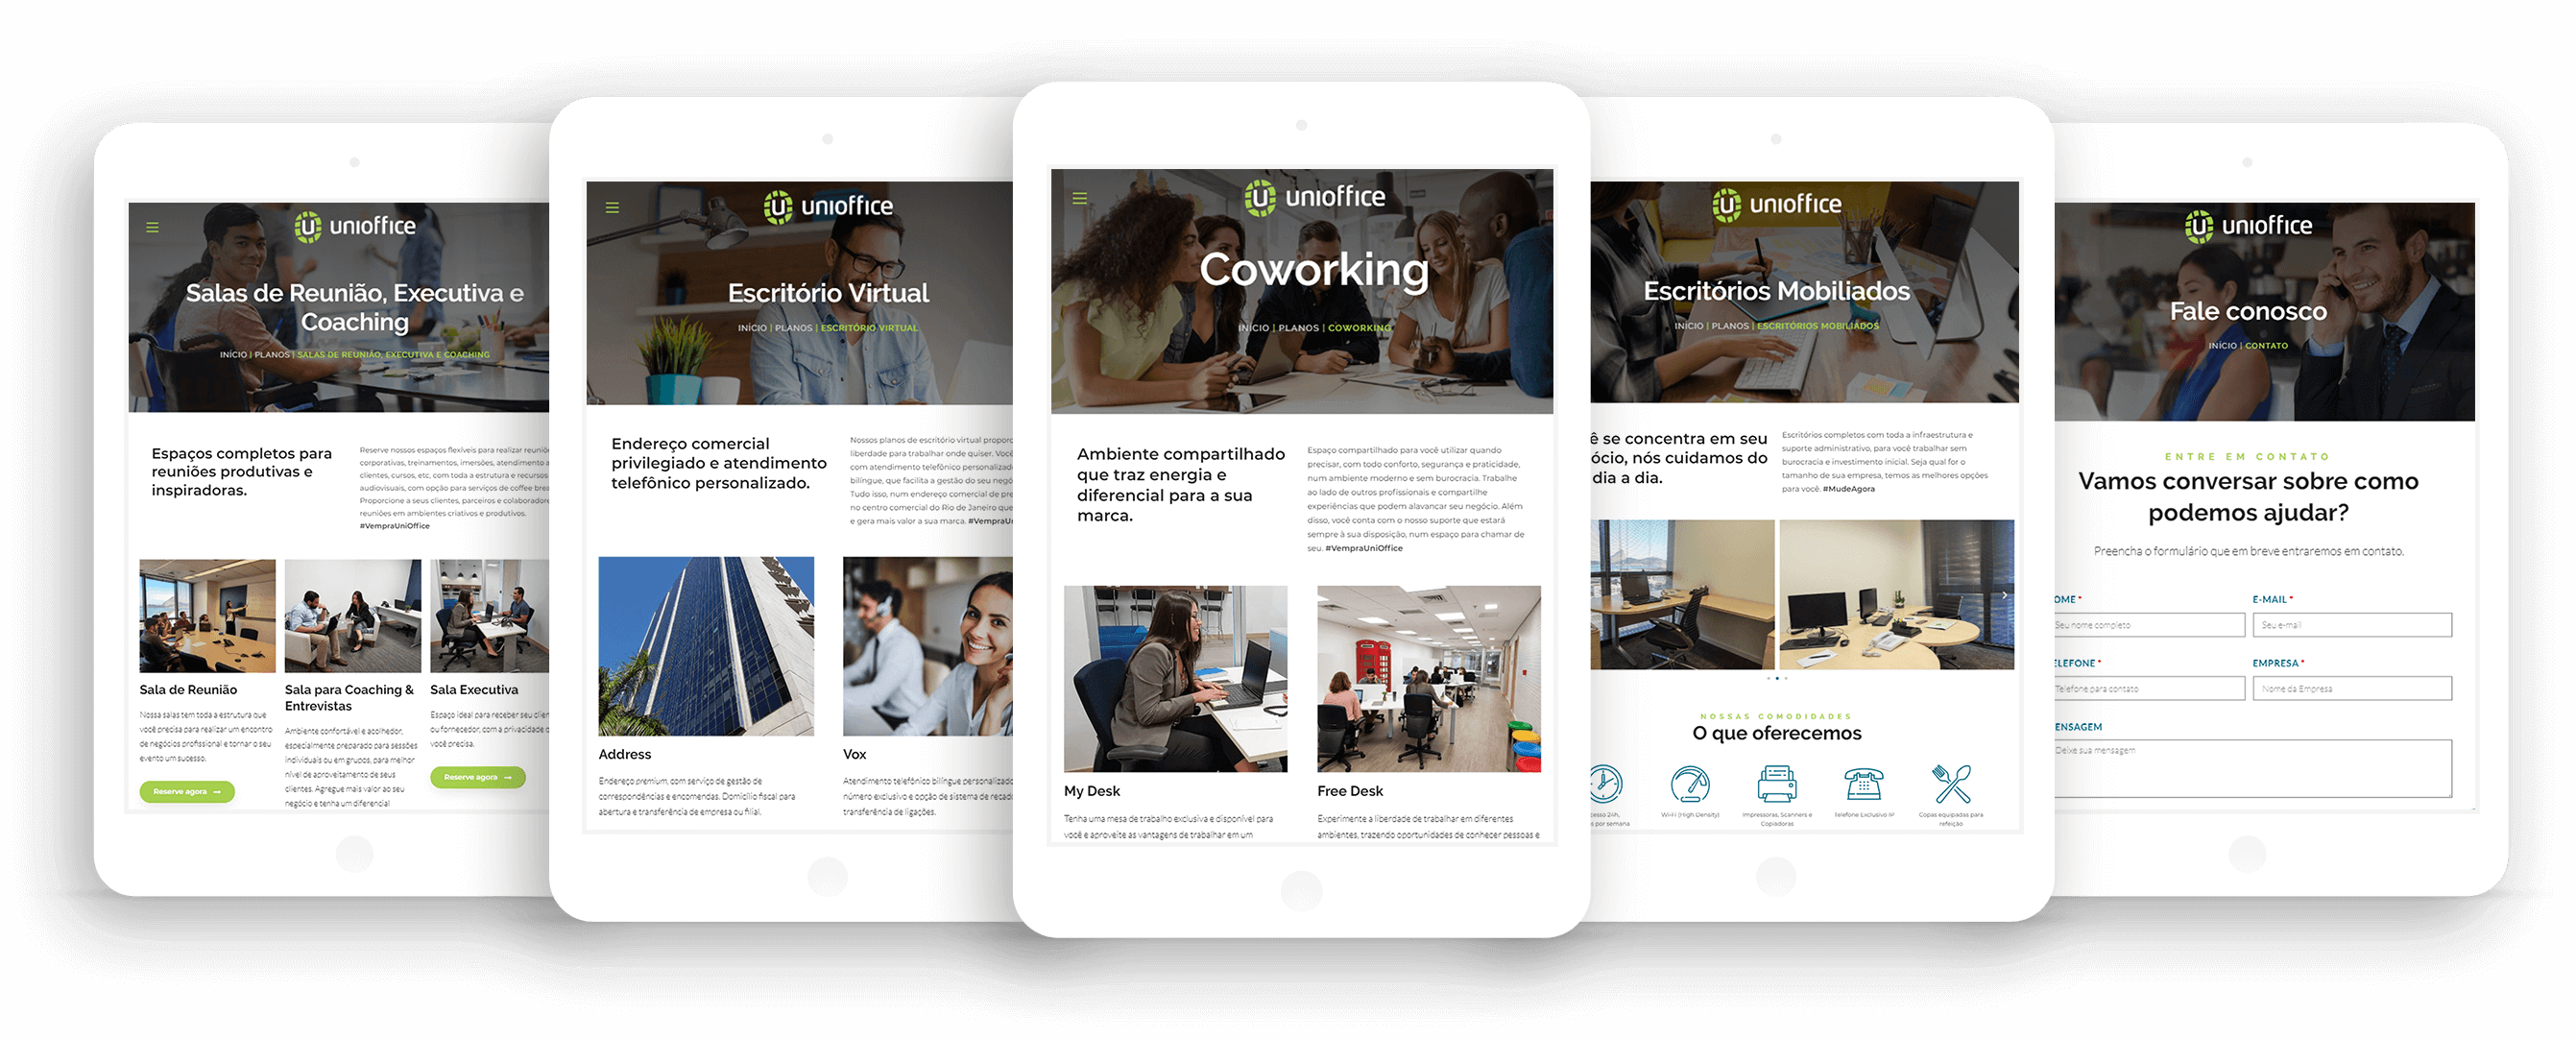 Criação de site gerenciável responsivo para coworking UniOffice